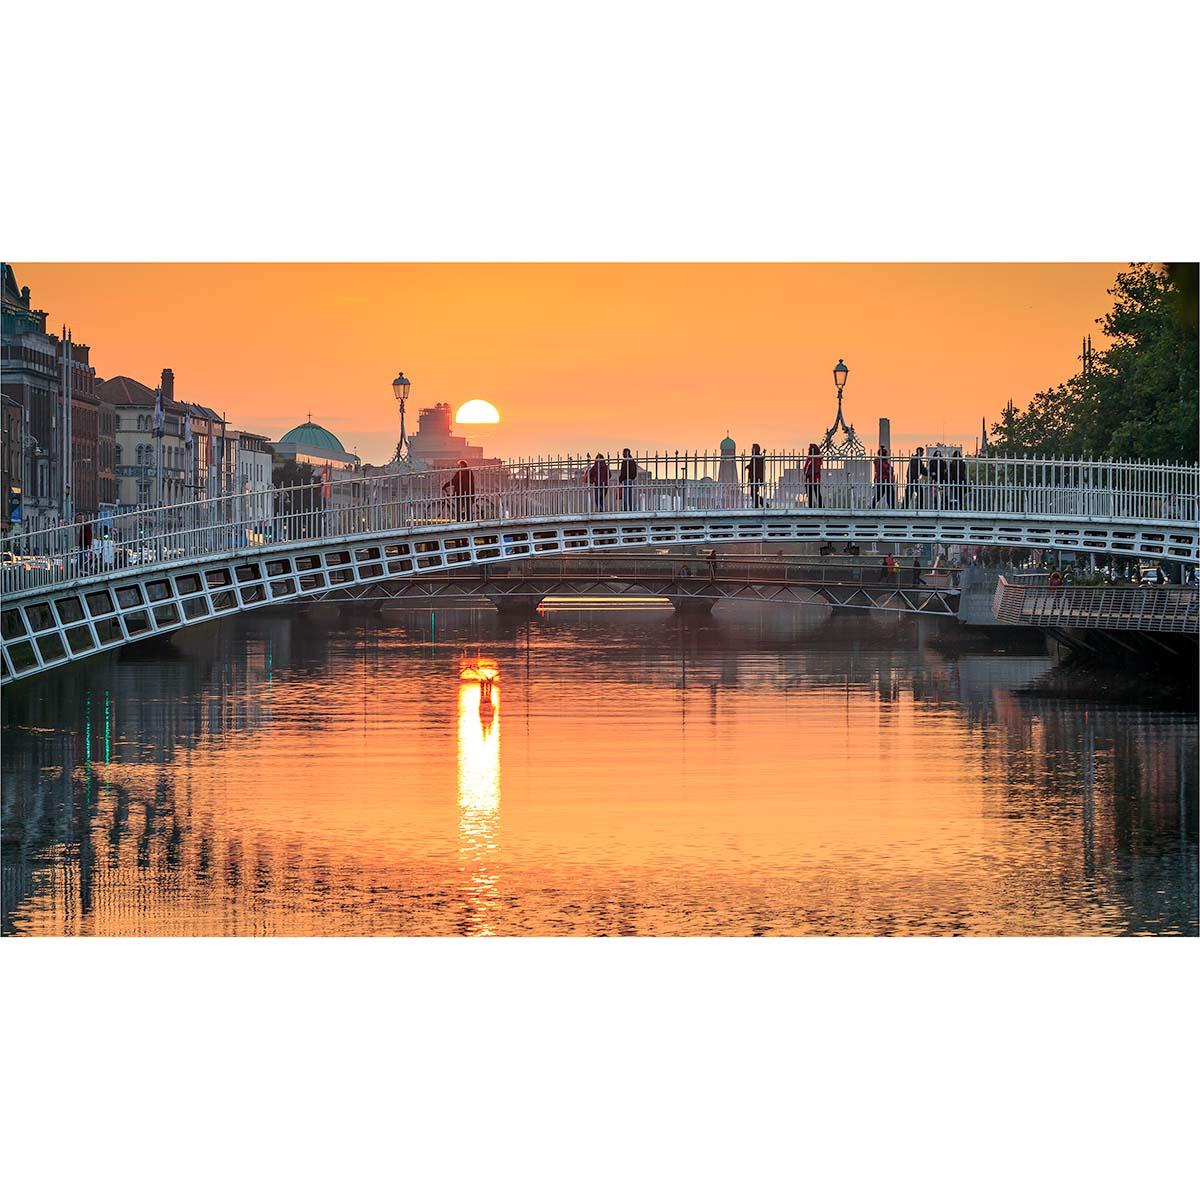 The Ha'penny Bridge, Dublin at sunset © Robert Kelly